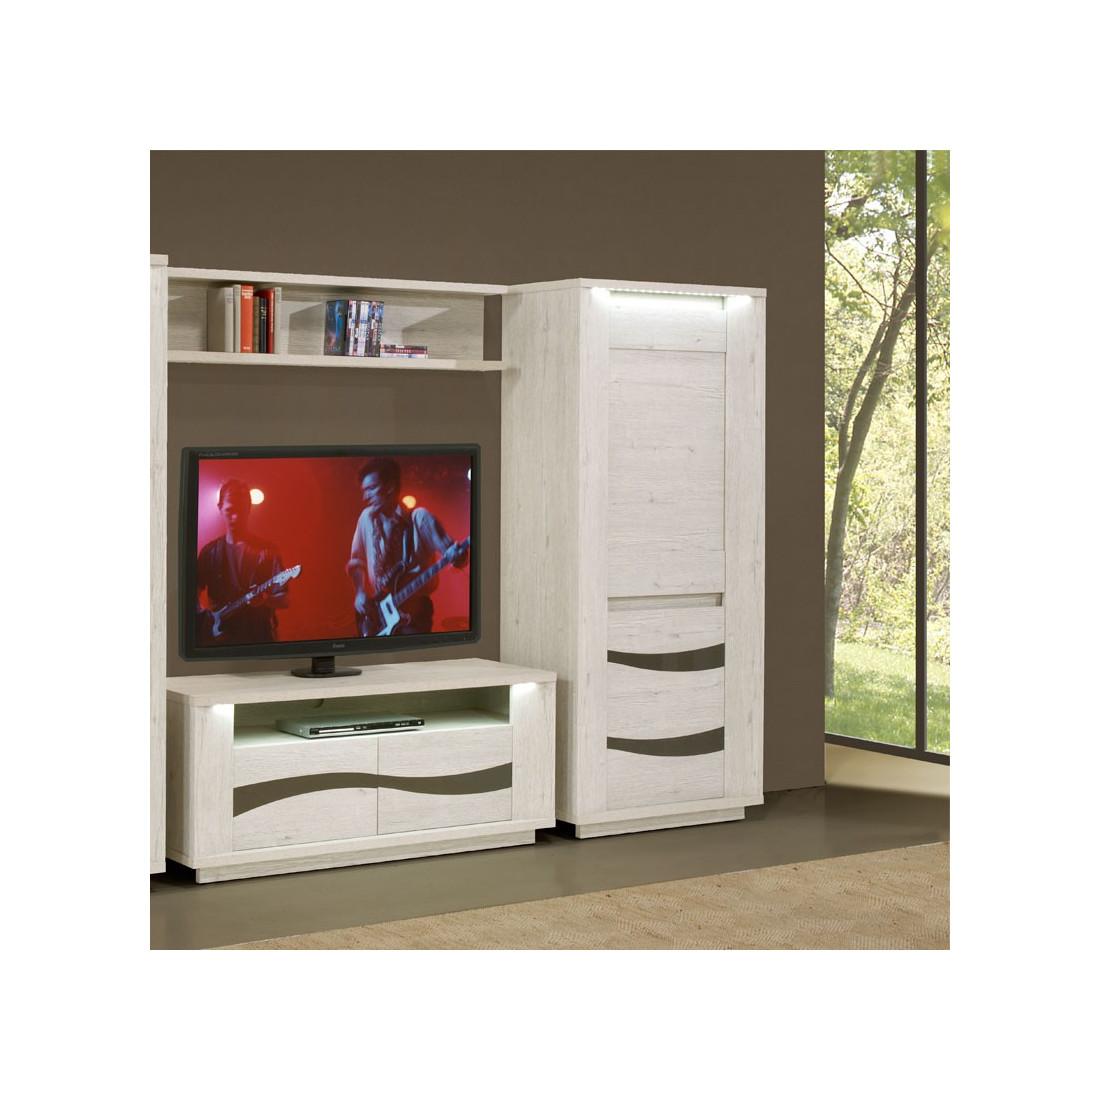 armoire de salon 2 portes leds zurich univers de la. Black Bedroom Furniture Sets. Home Design Ideas